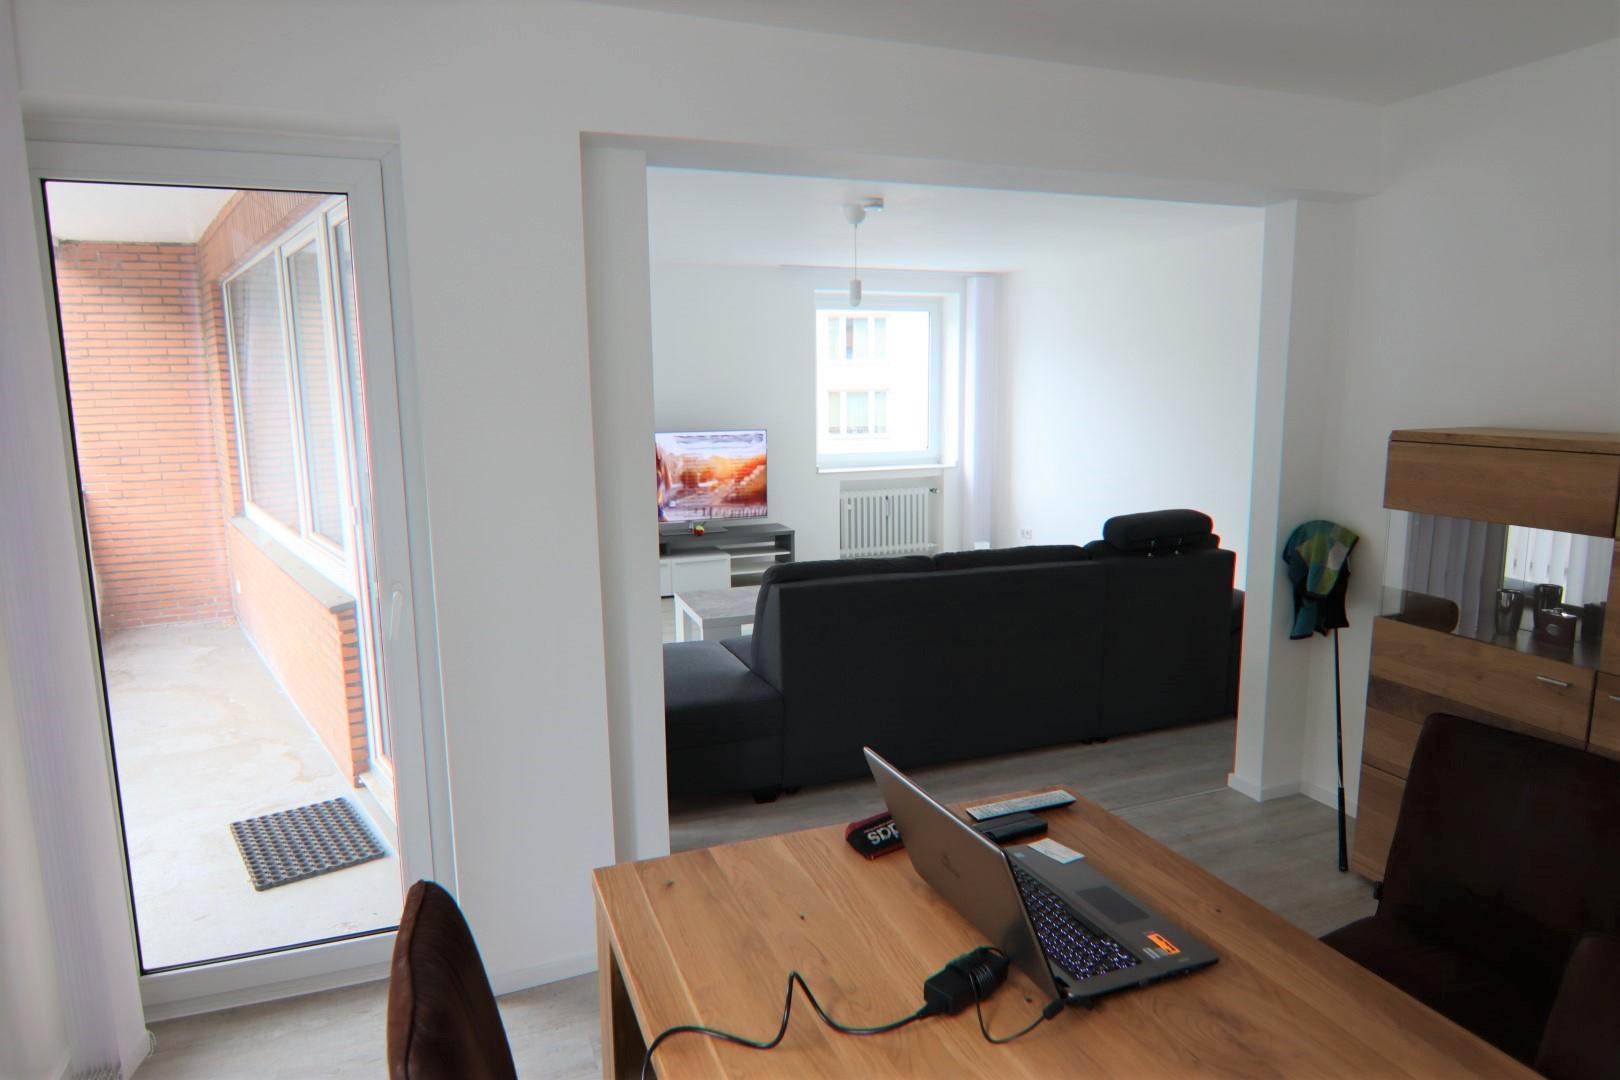 Immobilie Nr.302 - 3,5-Zimmer-Wohnung mit EBK, Einbauschrank u. Aufzug - Bild 10.jpg